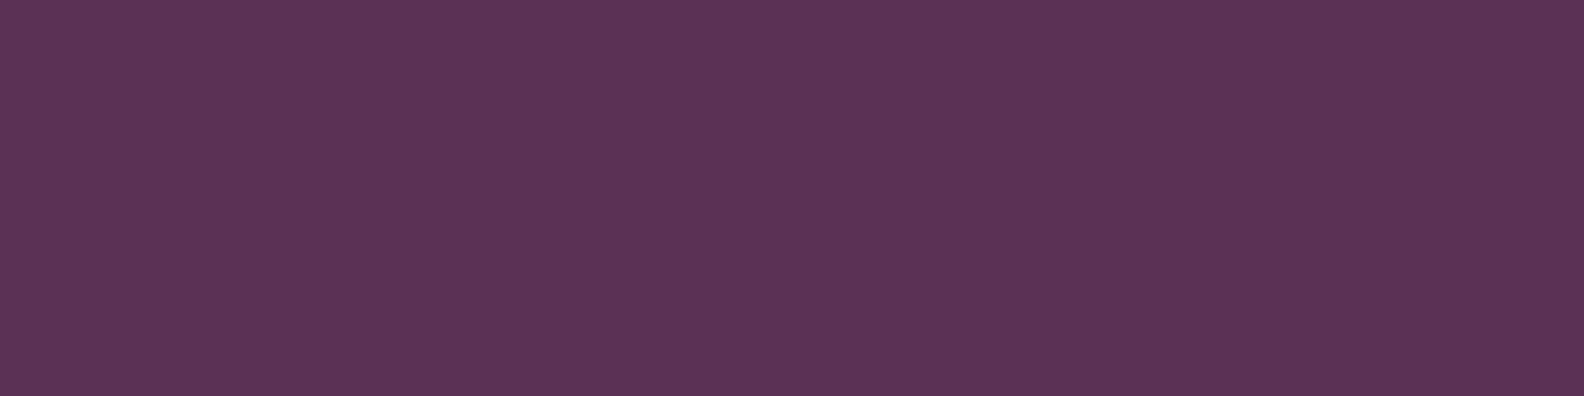 1584x396 Japanese Violet Solid Color Background